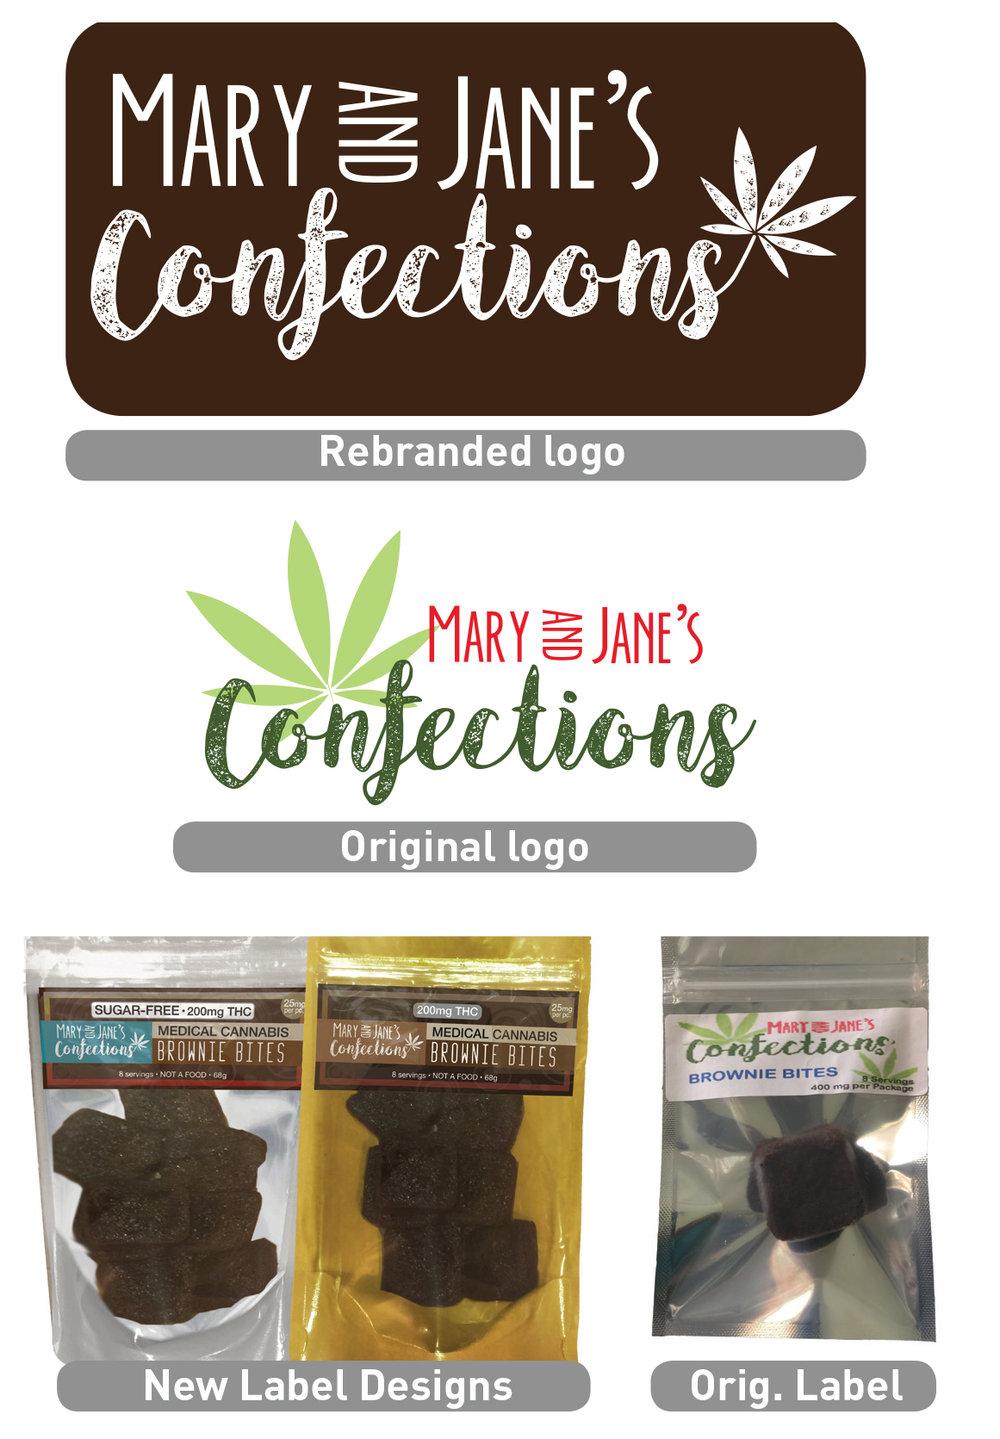 logos-and-bags-bagsUSE.jpg